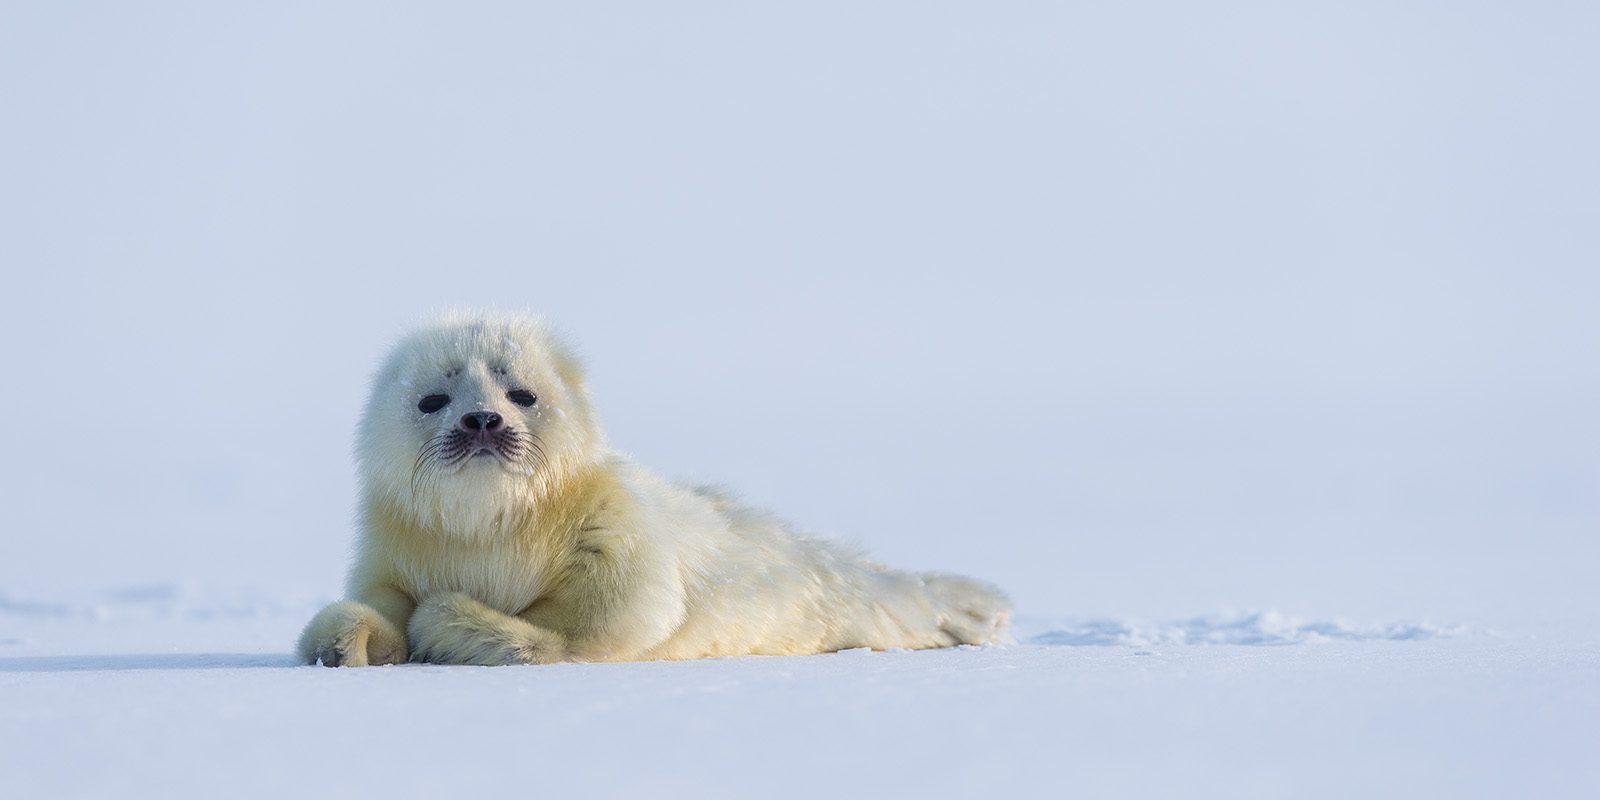 Kvitunge på isen av Kjell Erik Moseid